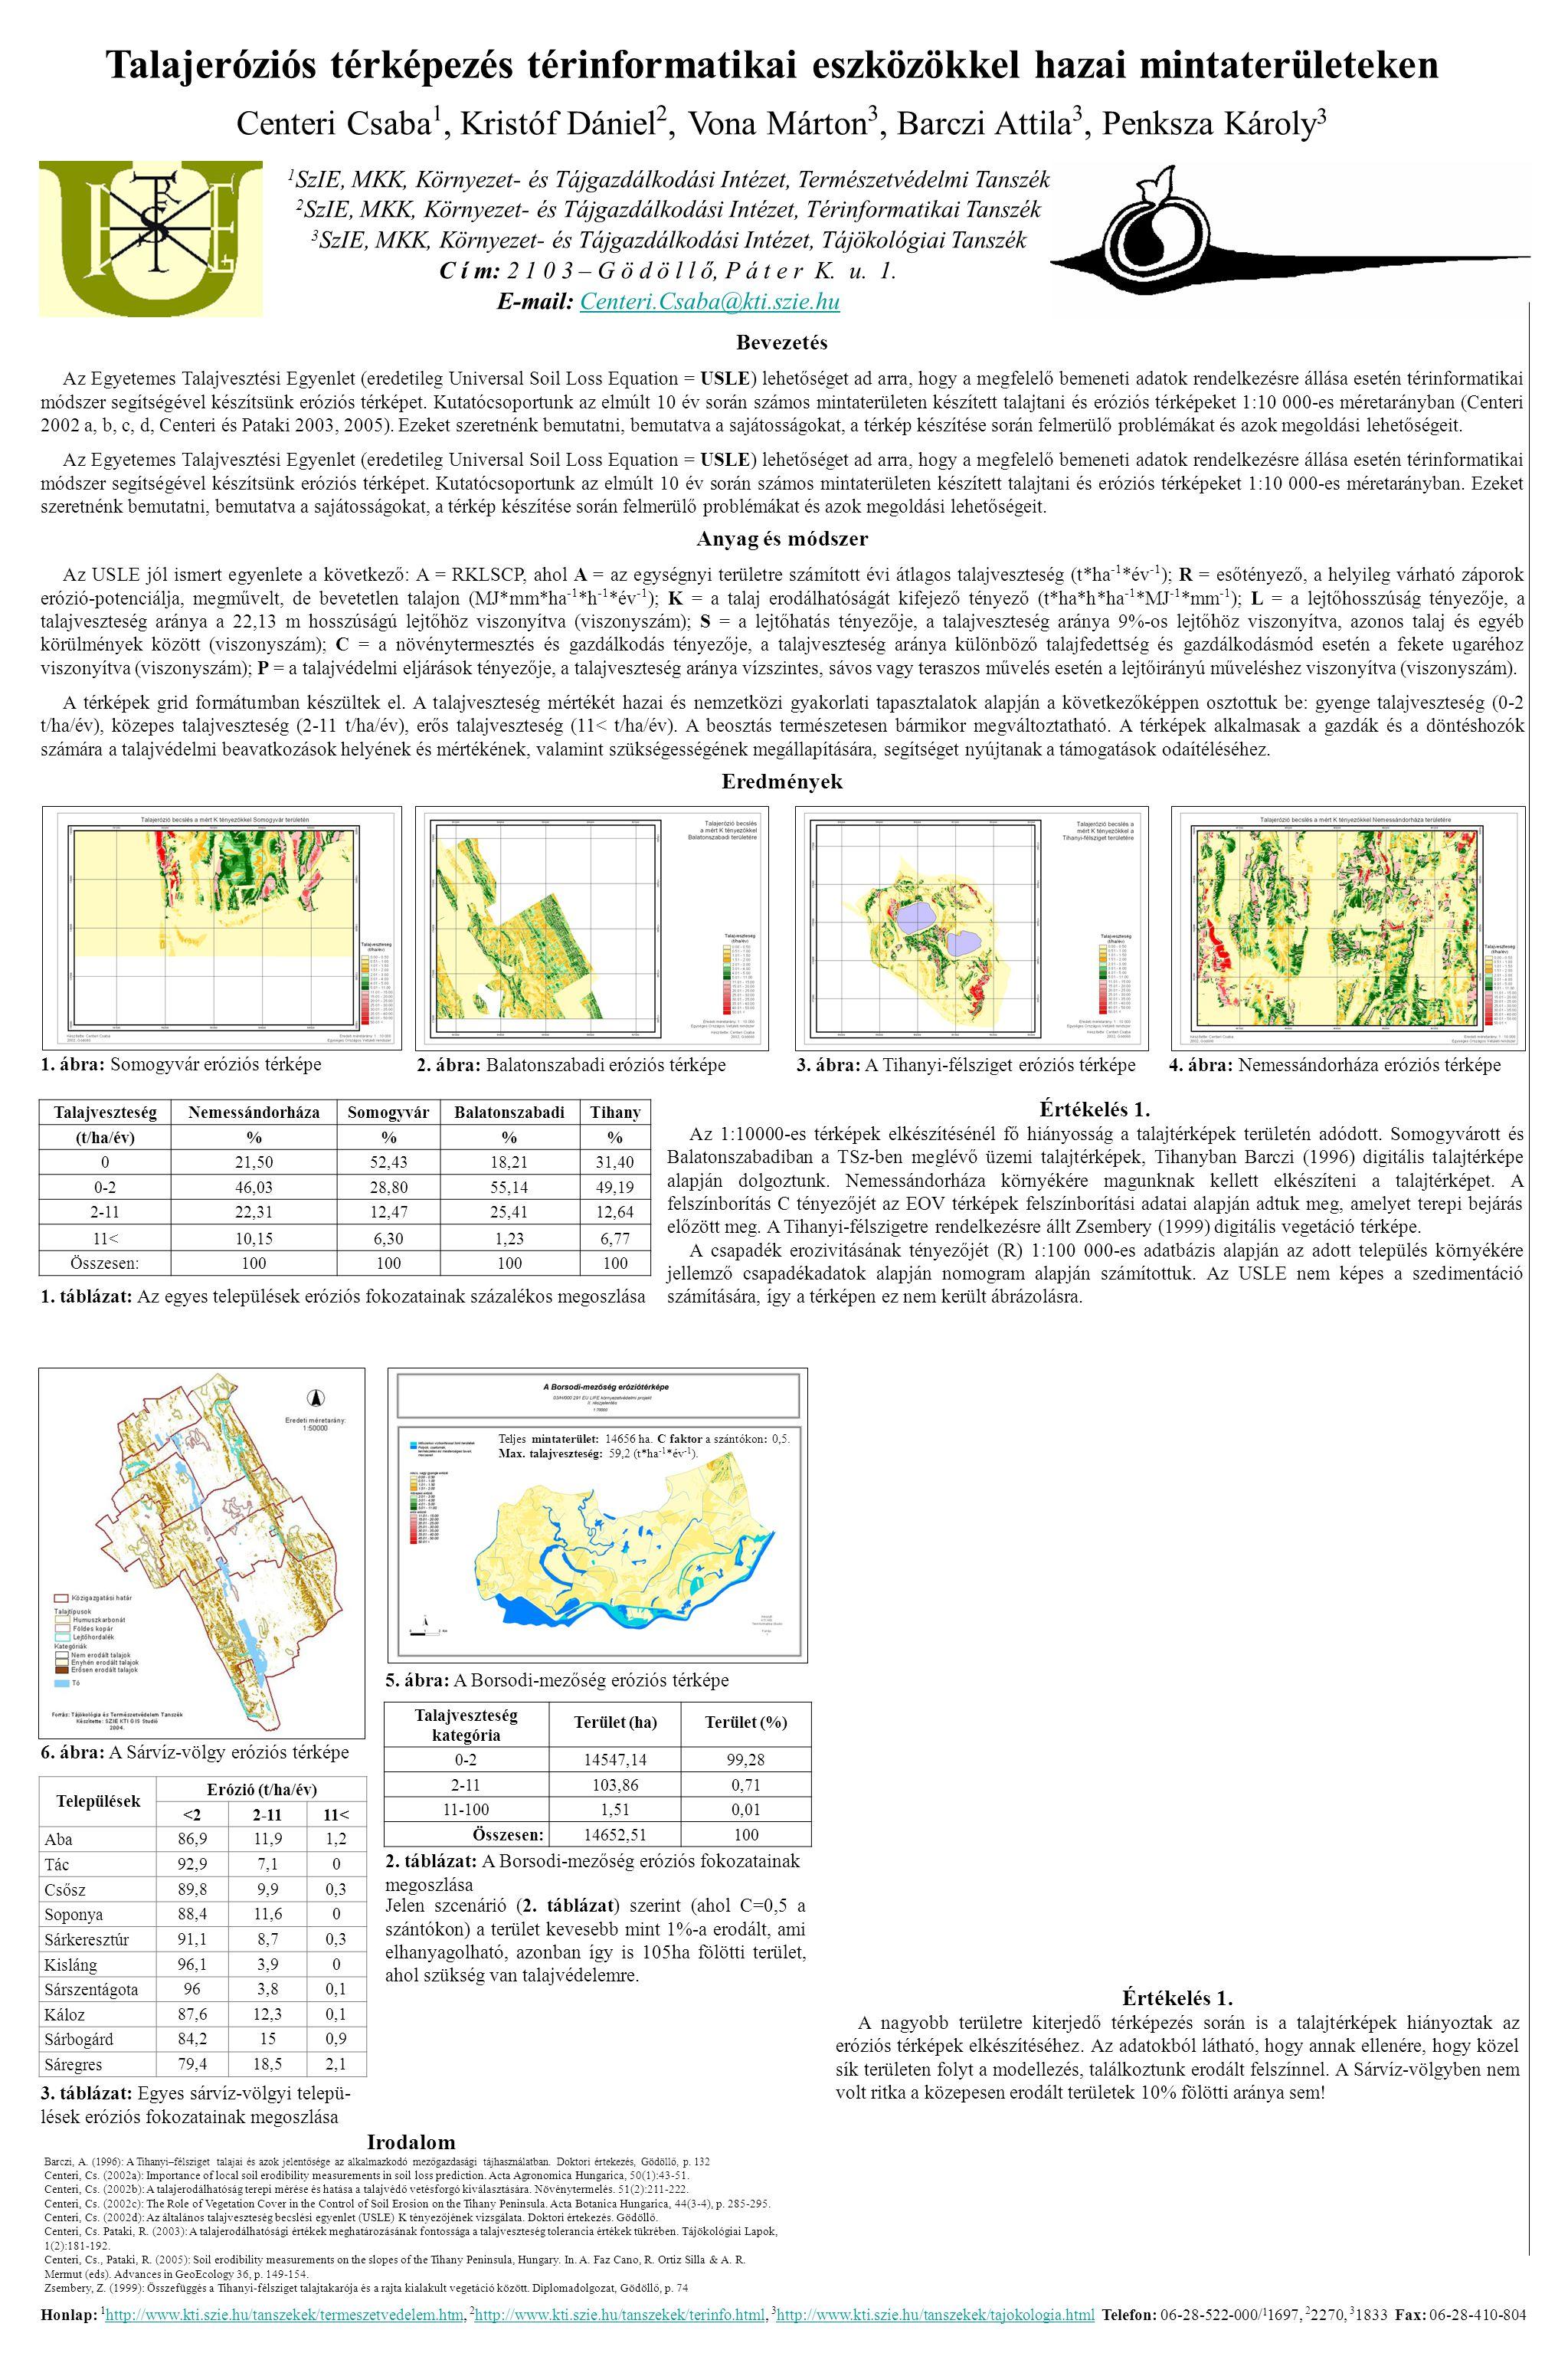 Talajeróziós térképezés térinformatikai eszközökkel hazai mintaterületeken Centeri Csaba 1, Kristóf Dániel 2, Vona Márton 3, Barczi Attila 3, Penksza